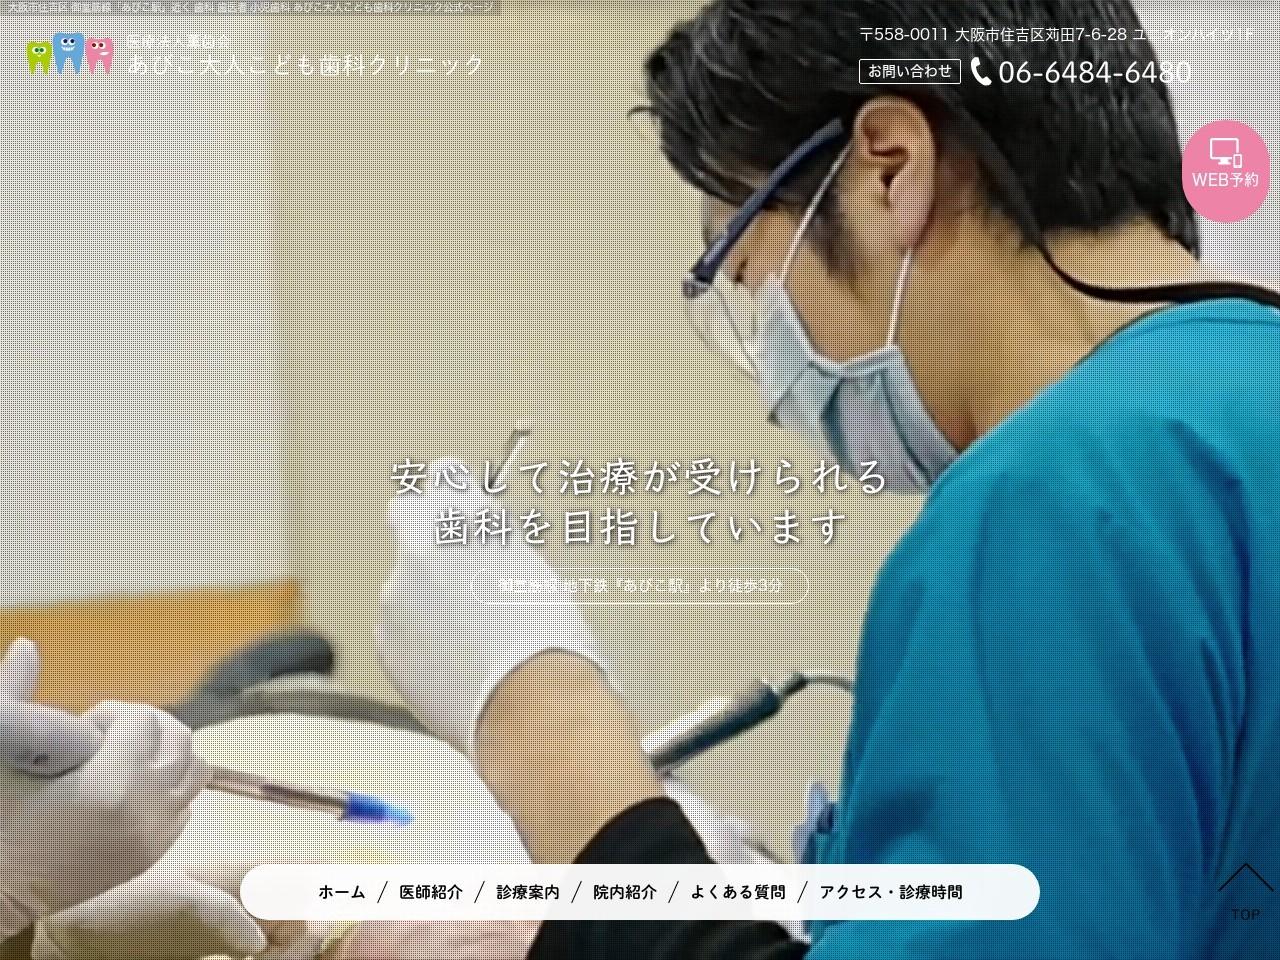 医療法人薫歯会  あびこ大人こども歯科クリニック (大阪府大阪市住吉区)